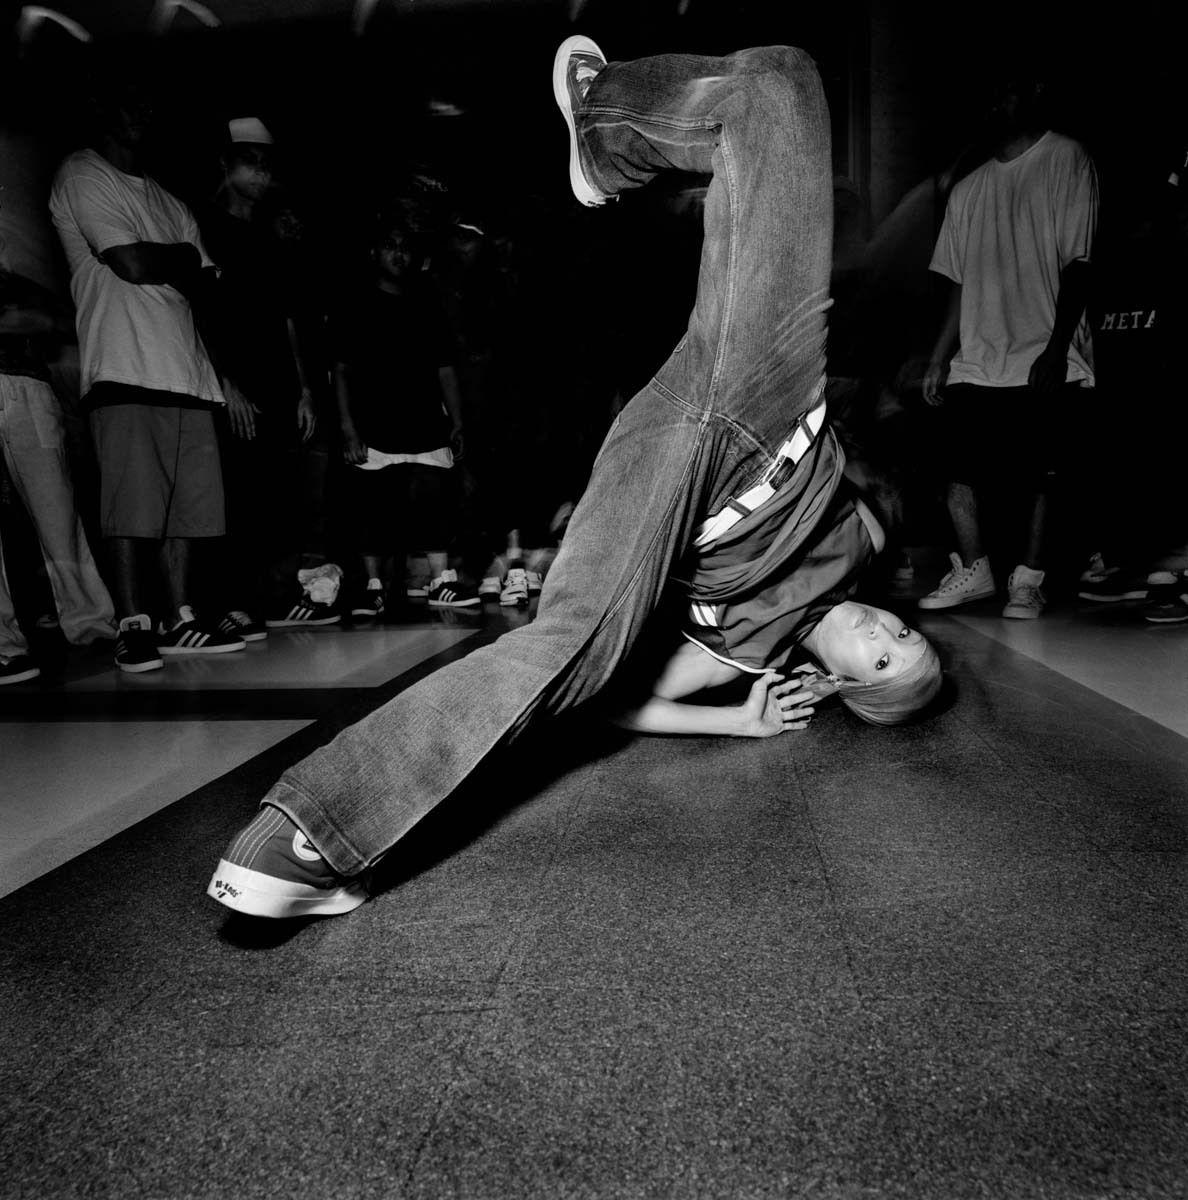 75_1cypher_breakdancers_1.jpg